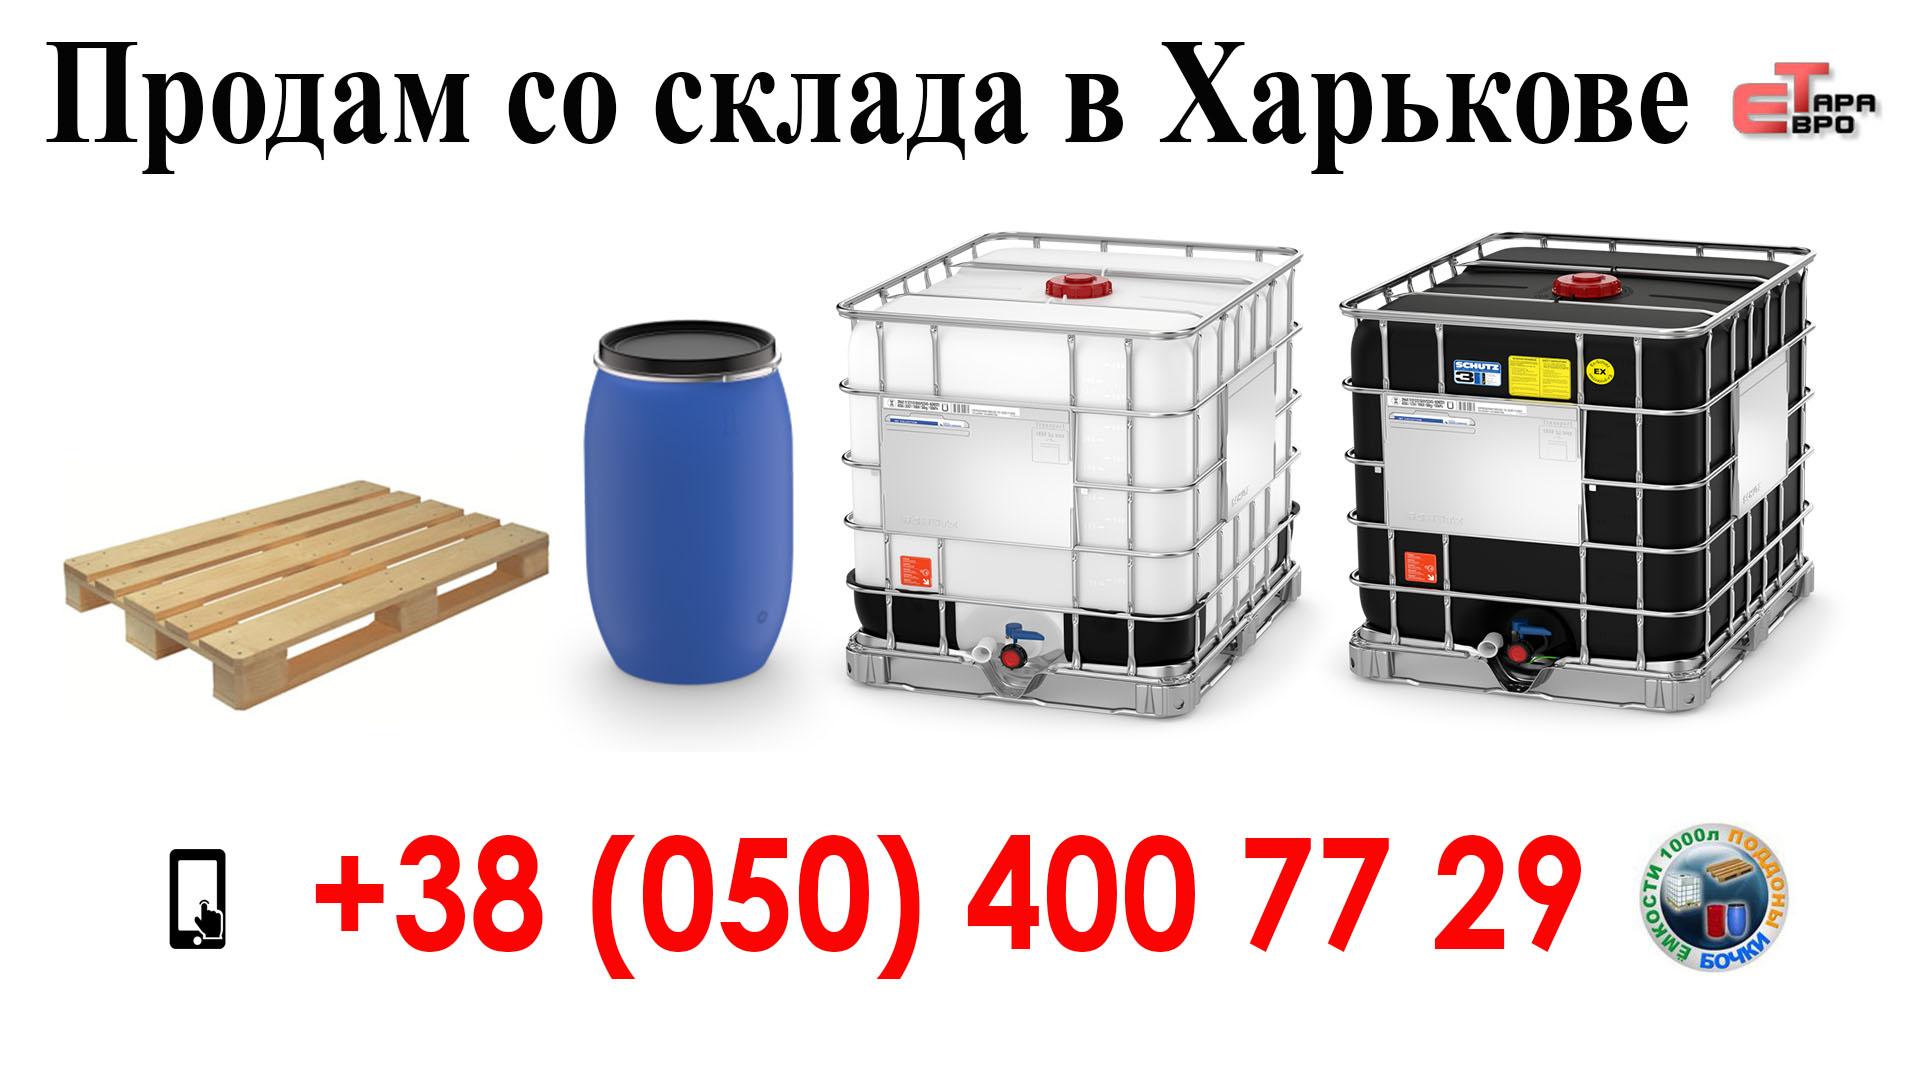 №16669 Бочки 200л пластиковые, металлические в наличии. Евротара-Харьков